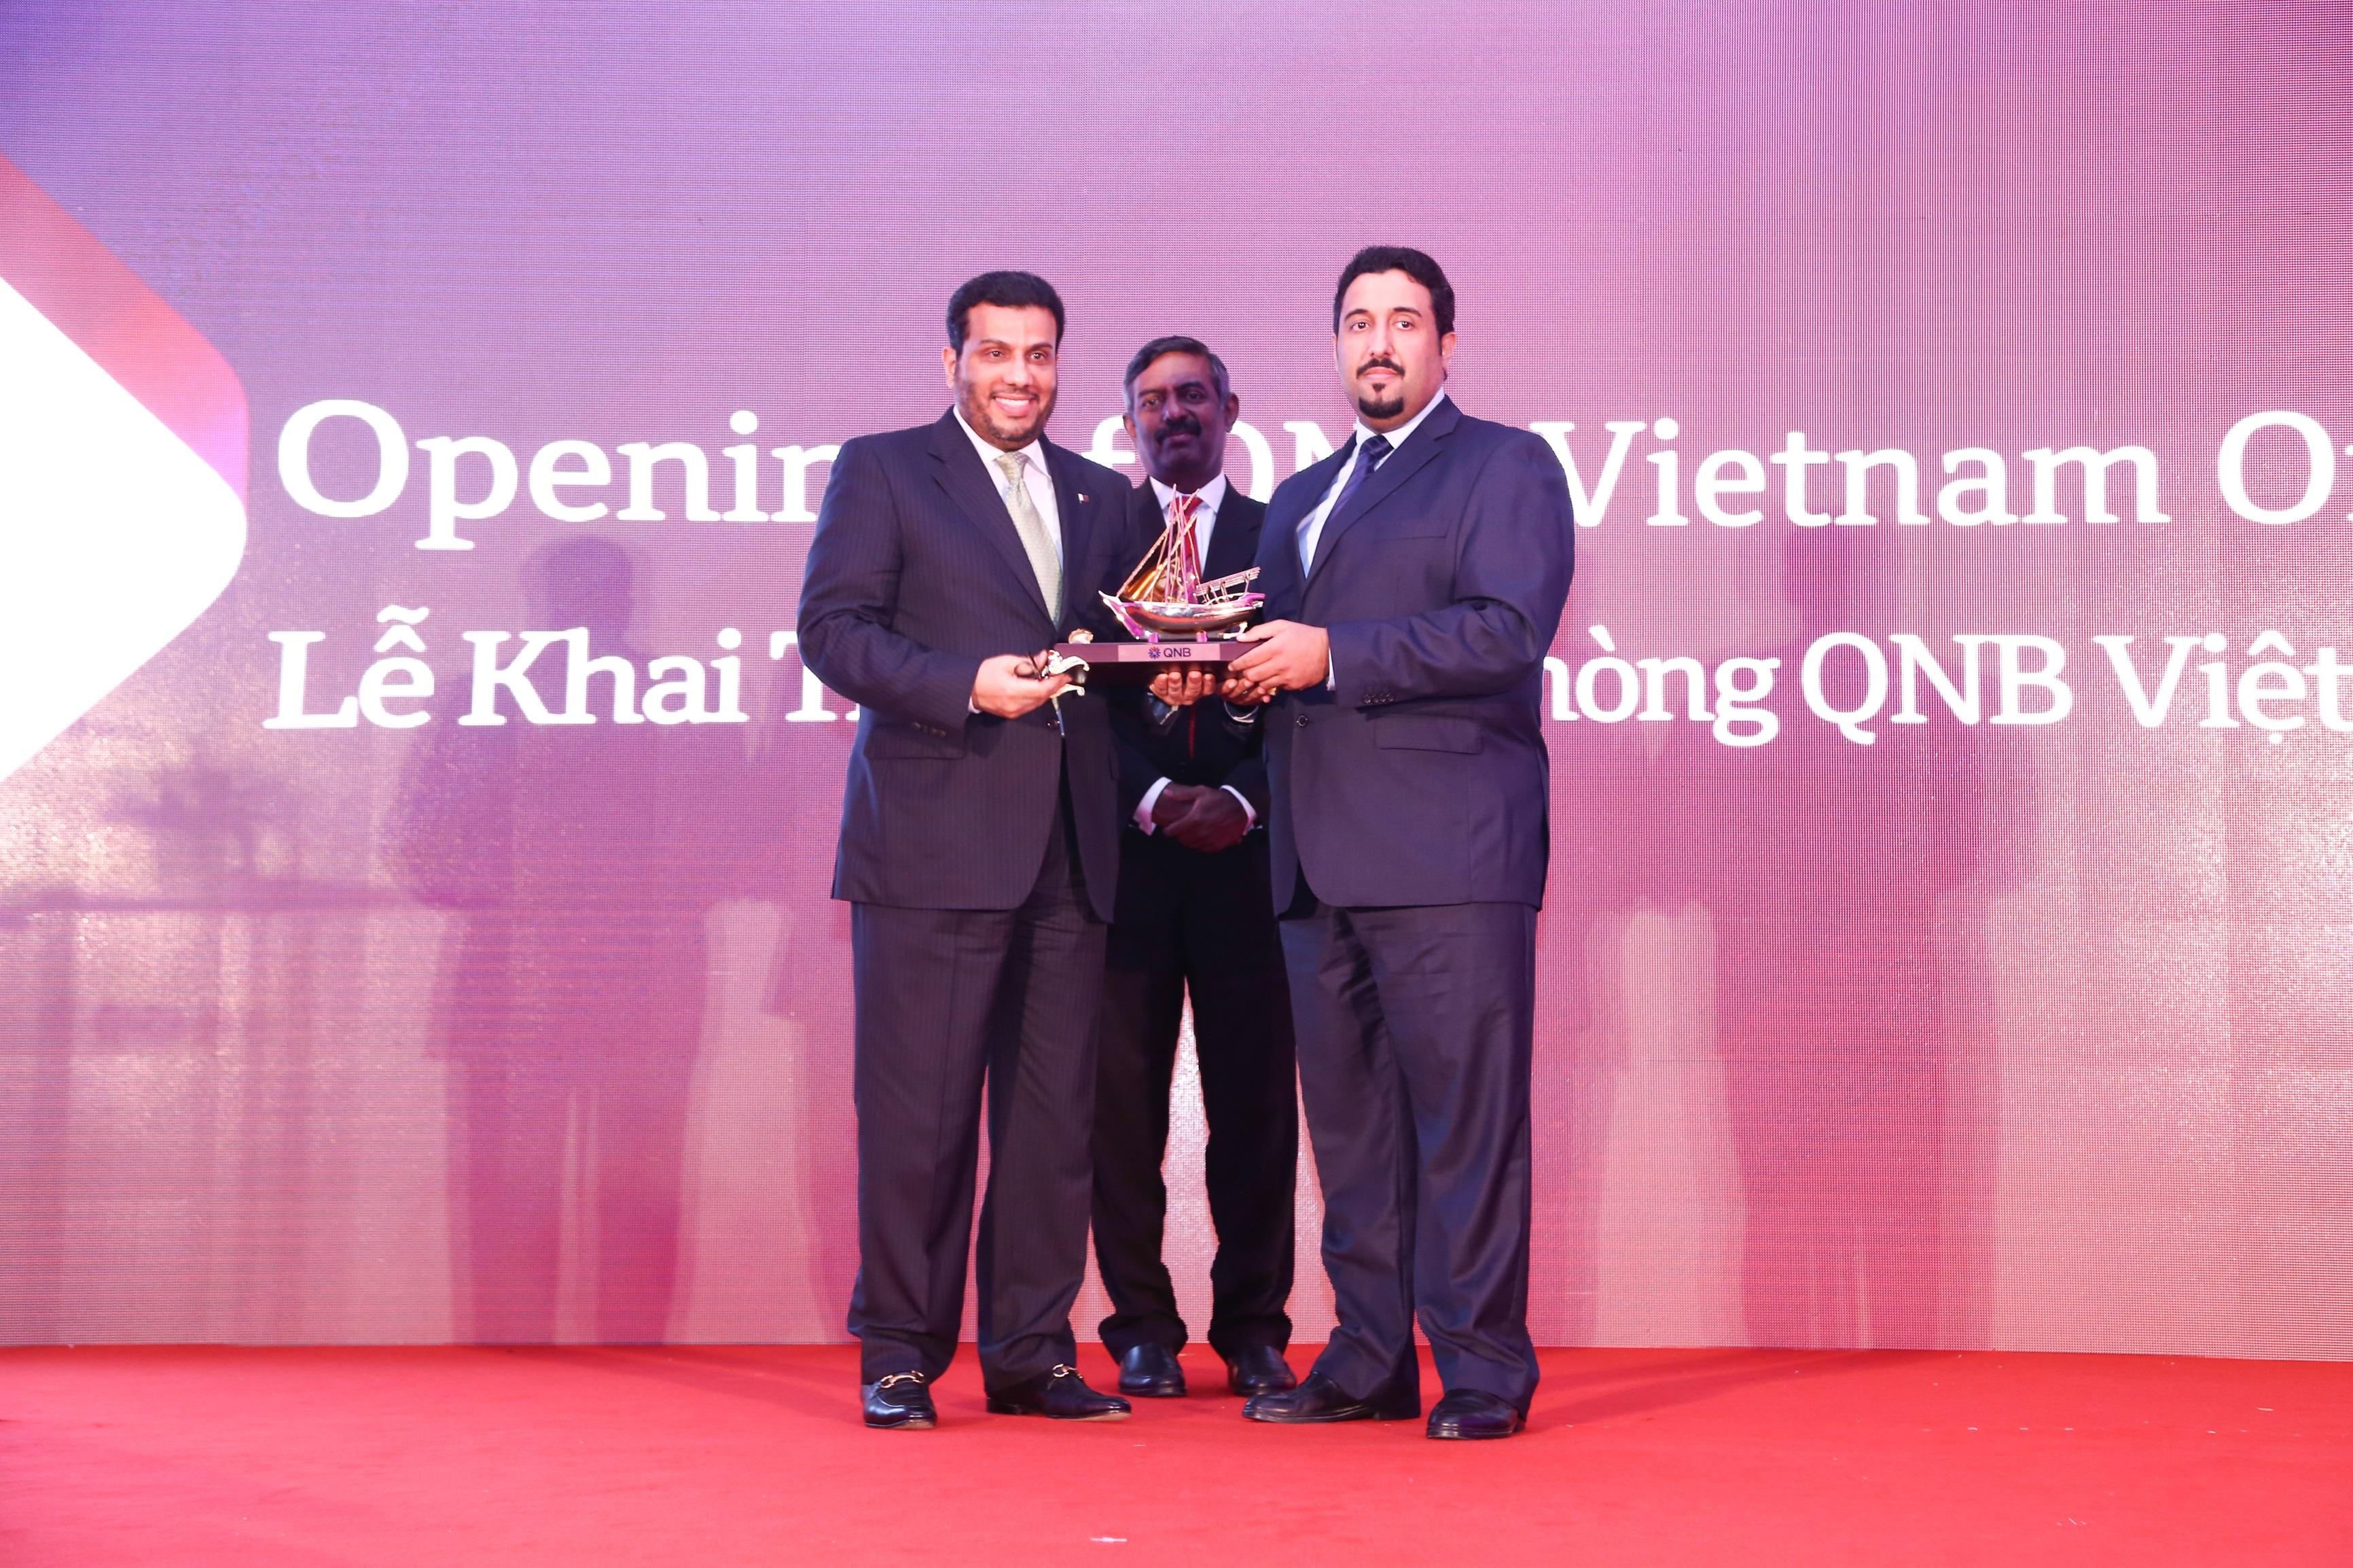 Tập đoàn QNB thành lập văn phòng đại diện tại Việt Nam